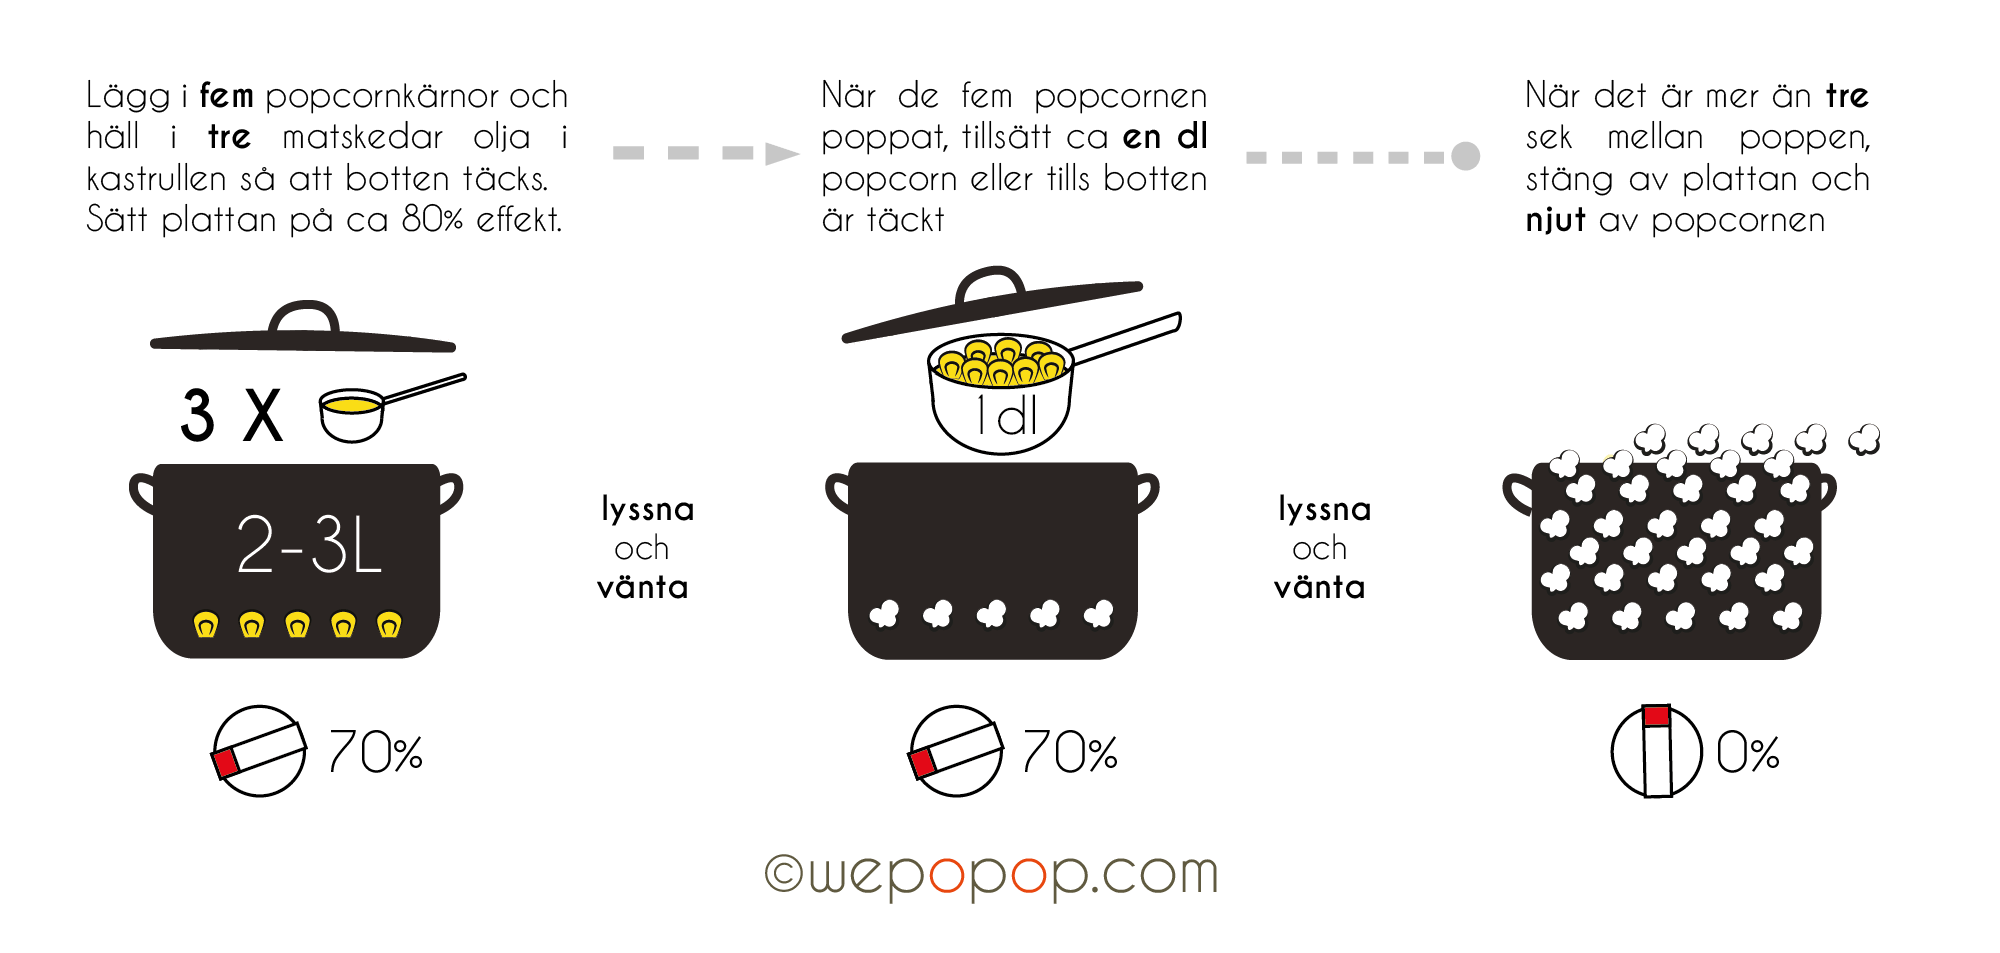 Poppa popcorn instruktion